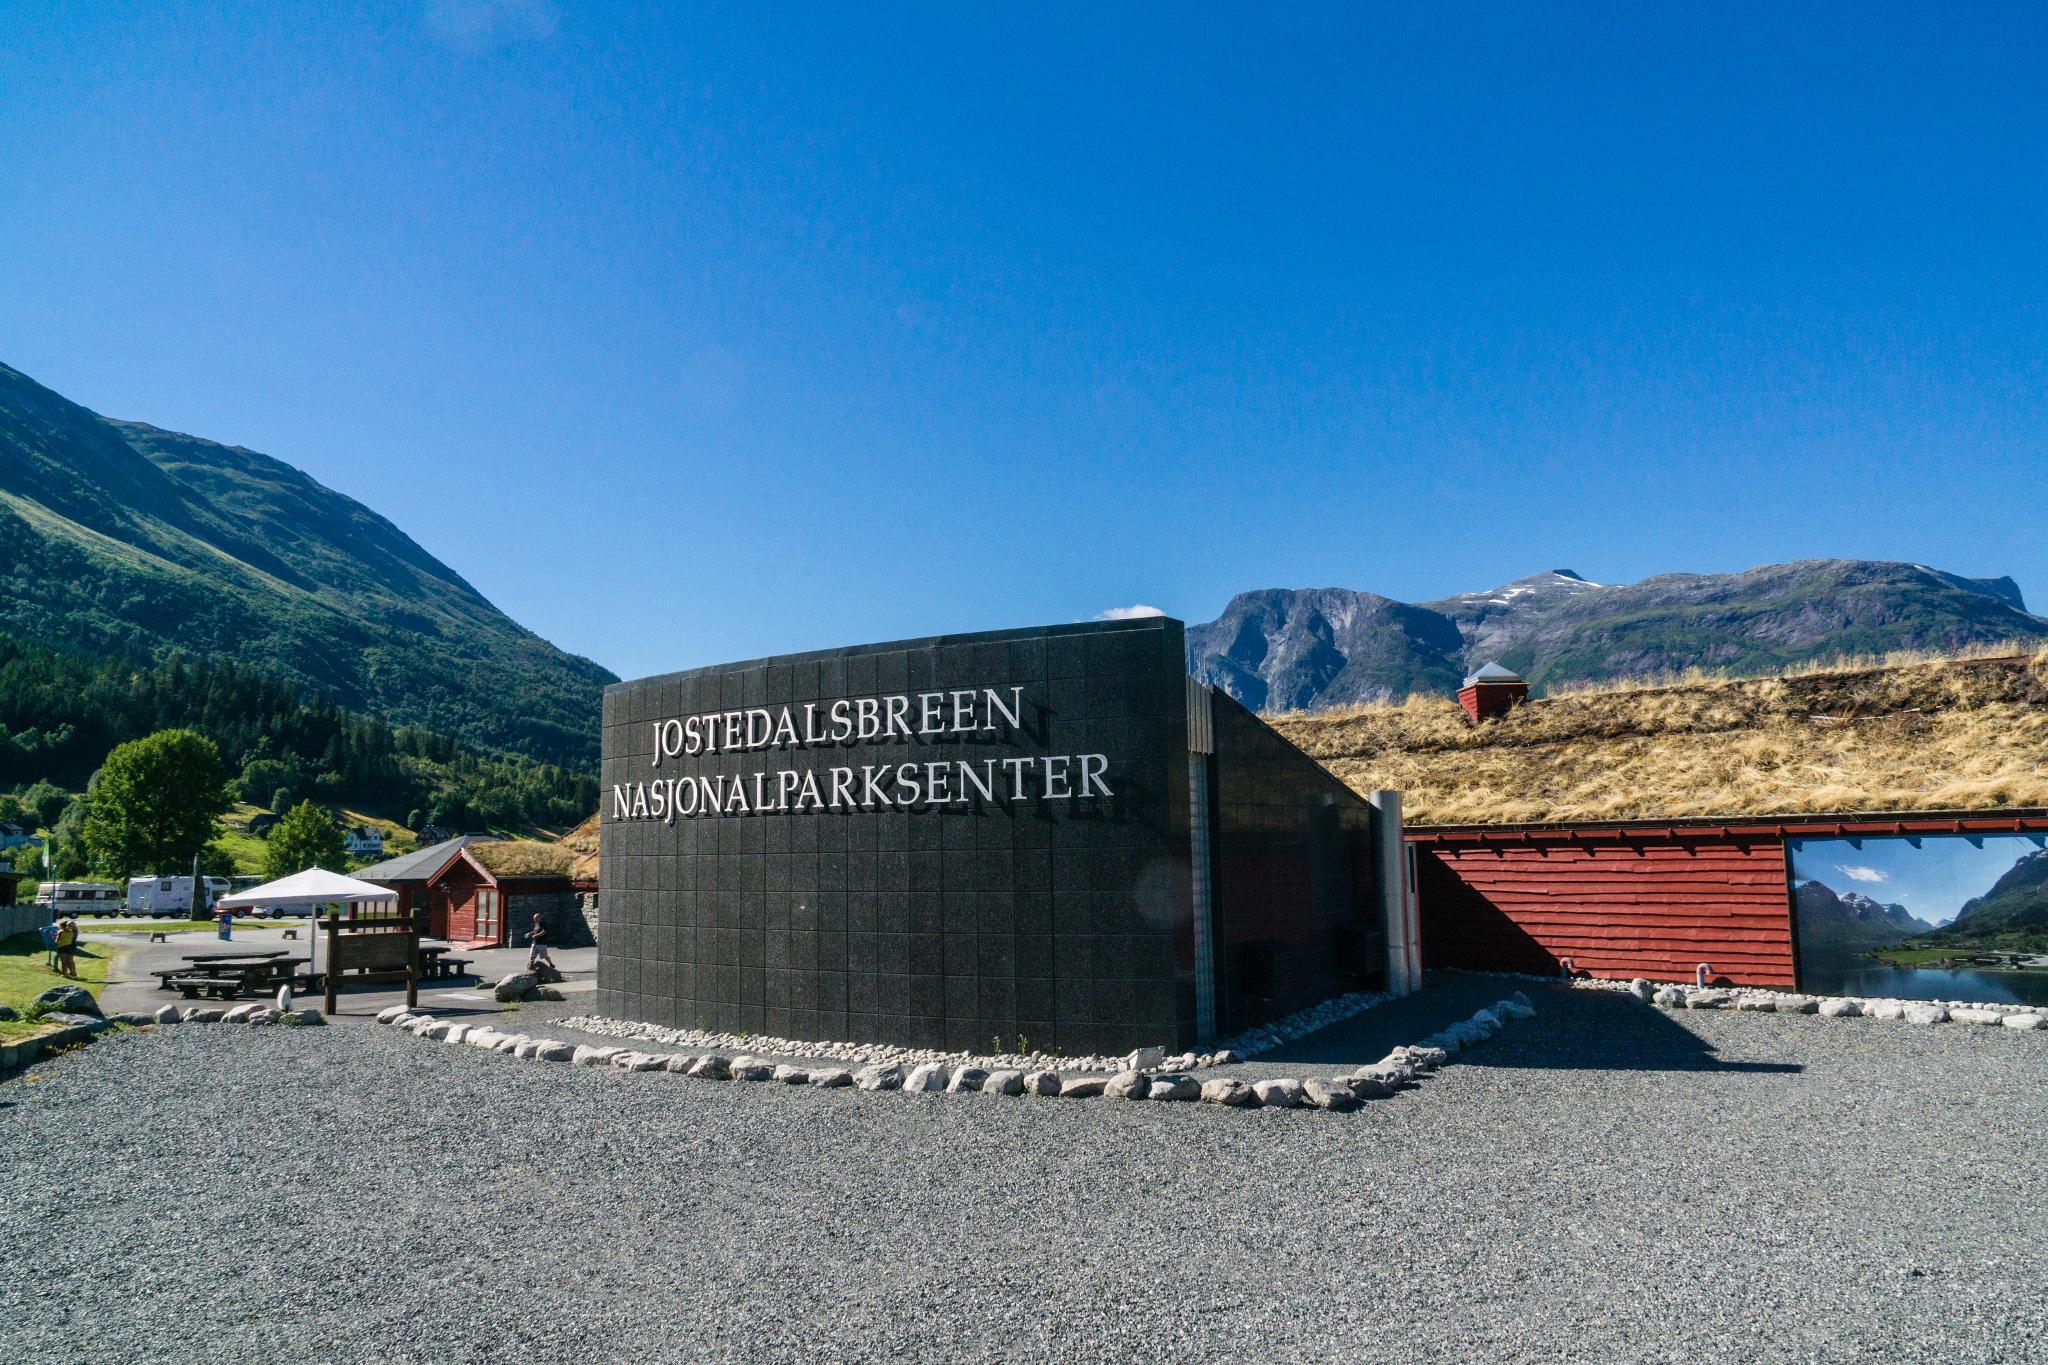 【北歐景點】歐洲大陸最大冰河 – 挪威約詩達特冰河國家公園 (Jostedalsbreen Nasjonalpark)